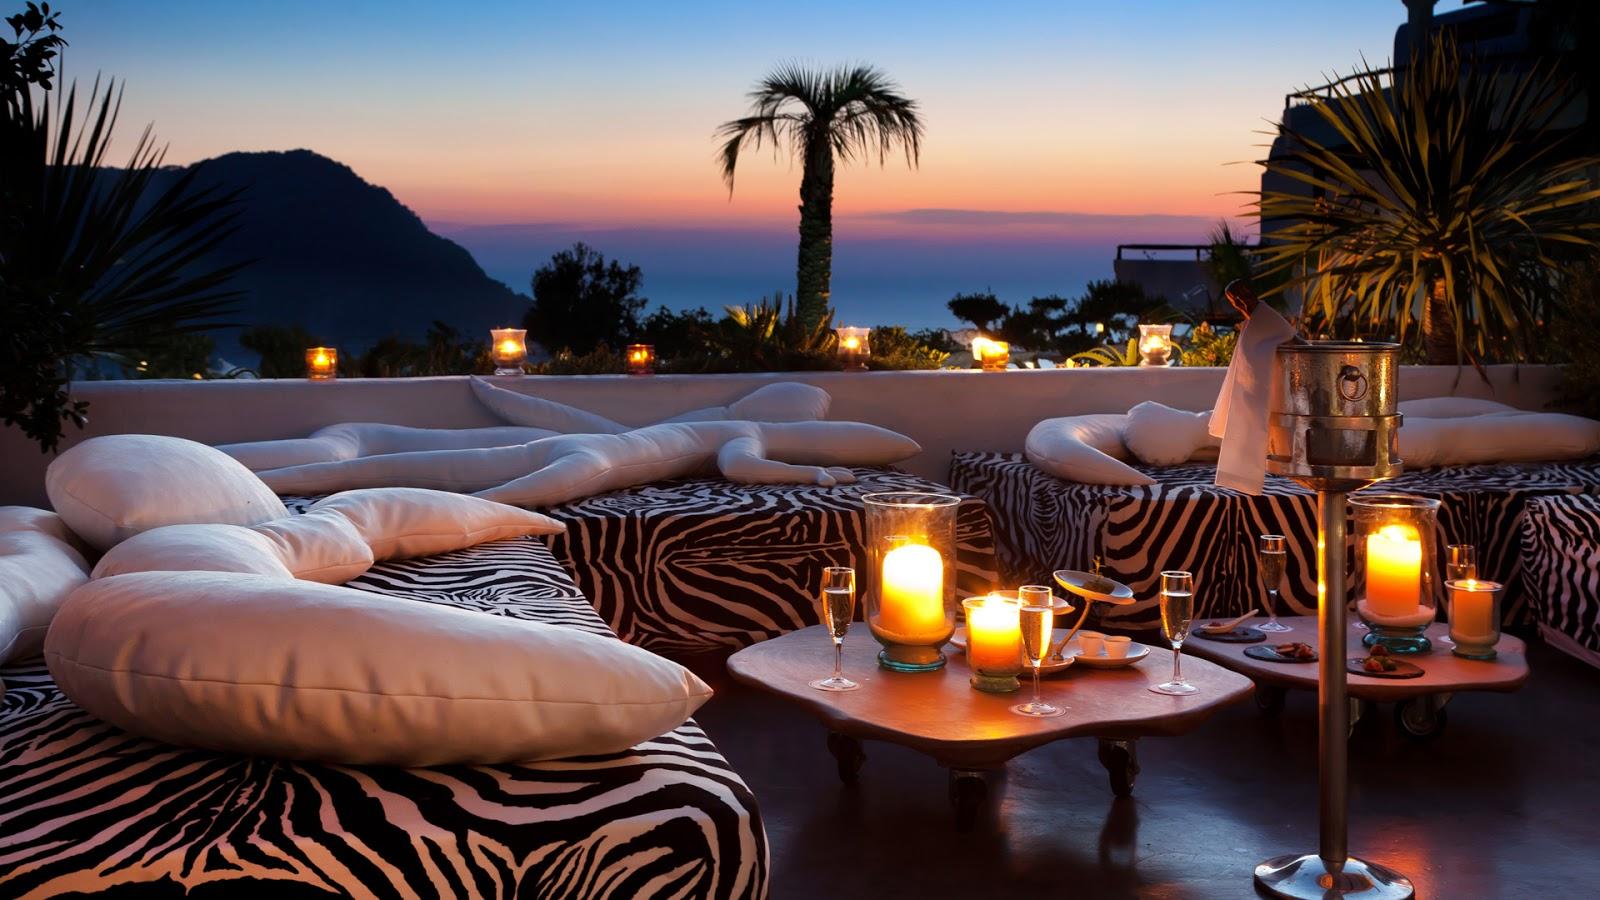 Ibiza Hacienda Hotel   Lounge Bar Sunset Wallpaper 1600x900